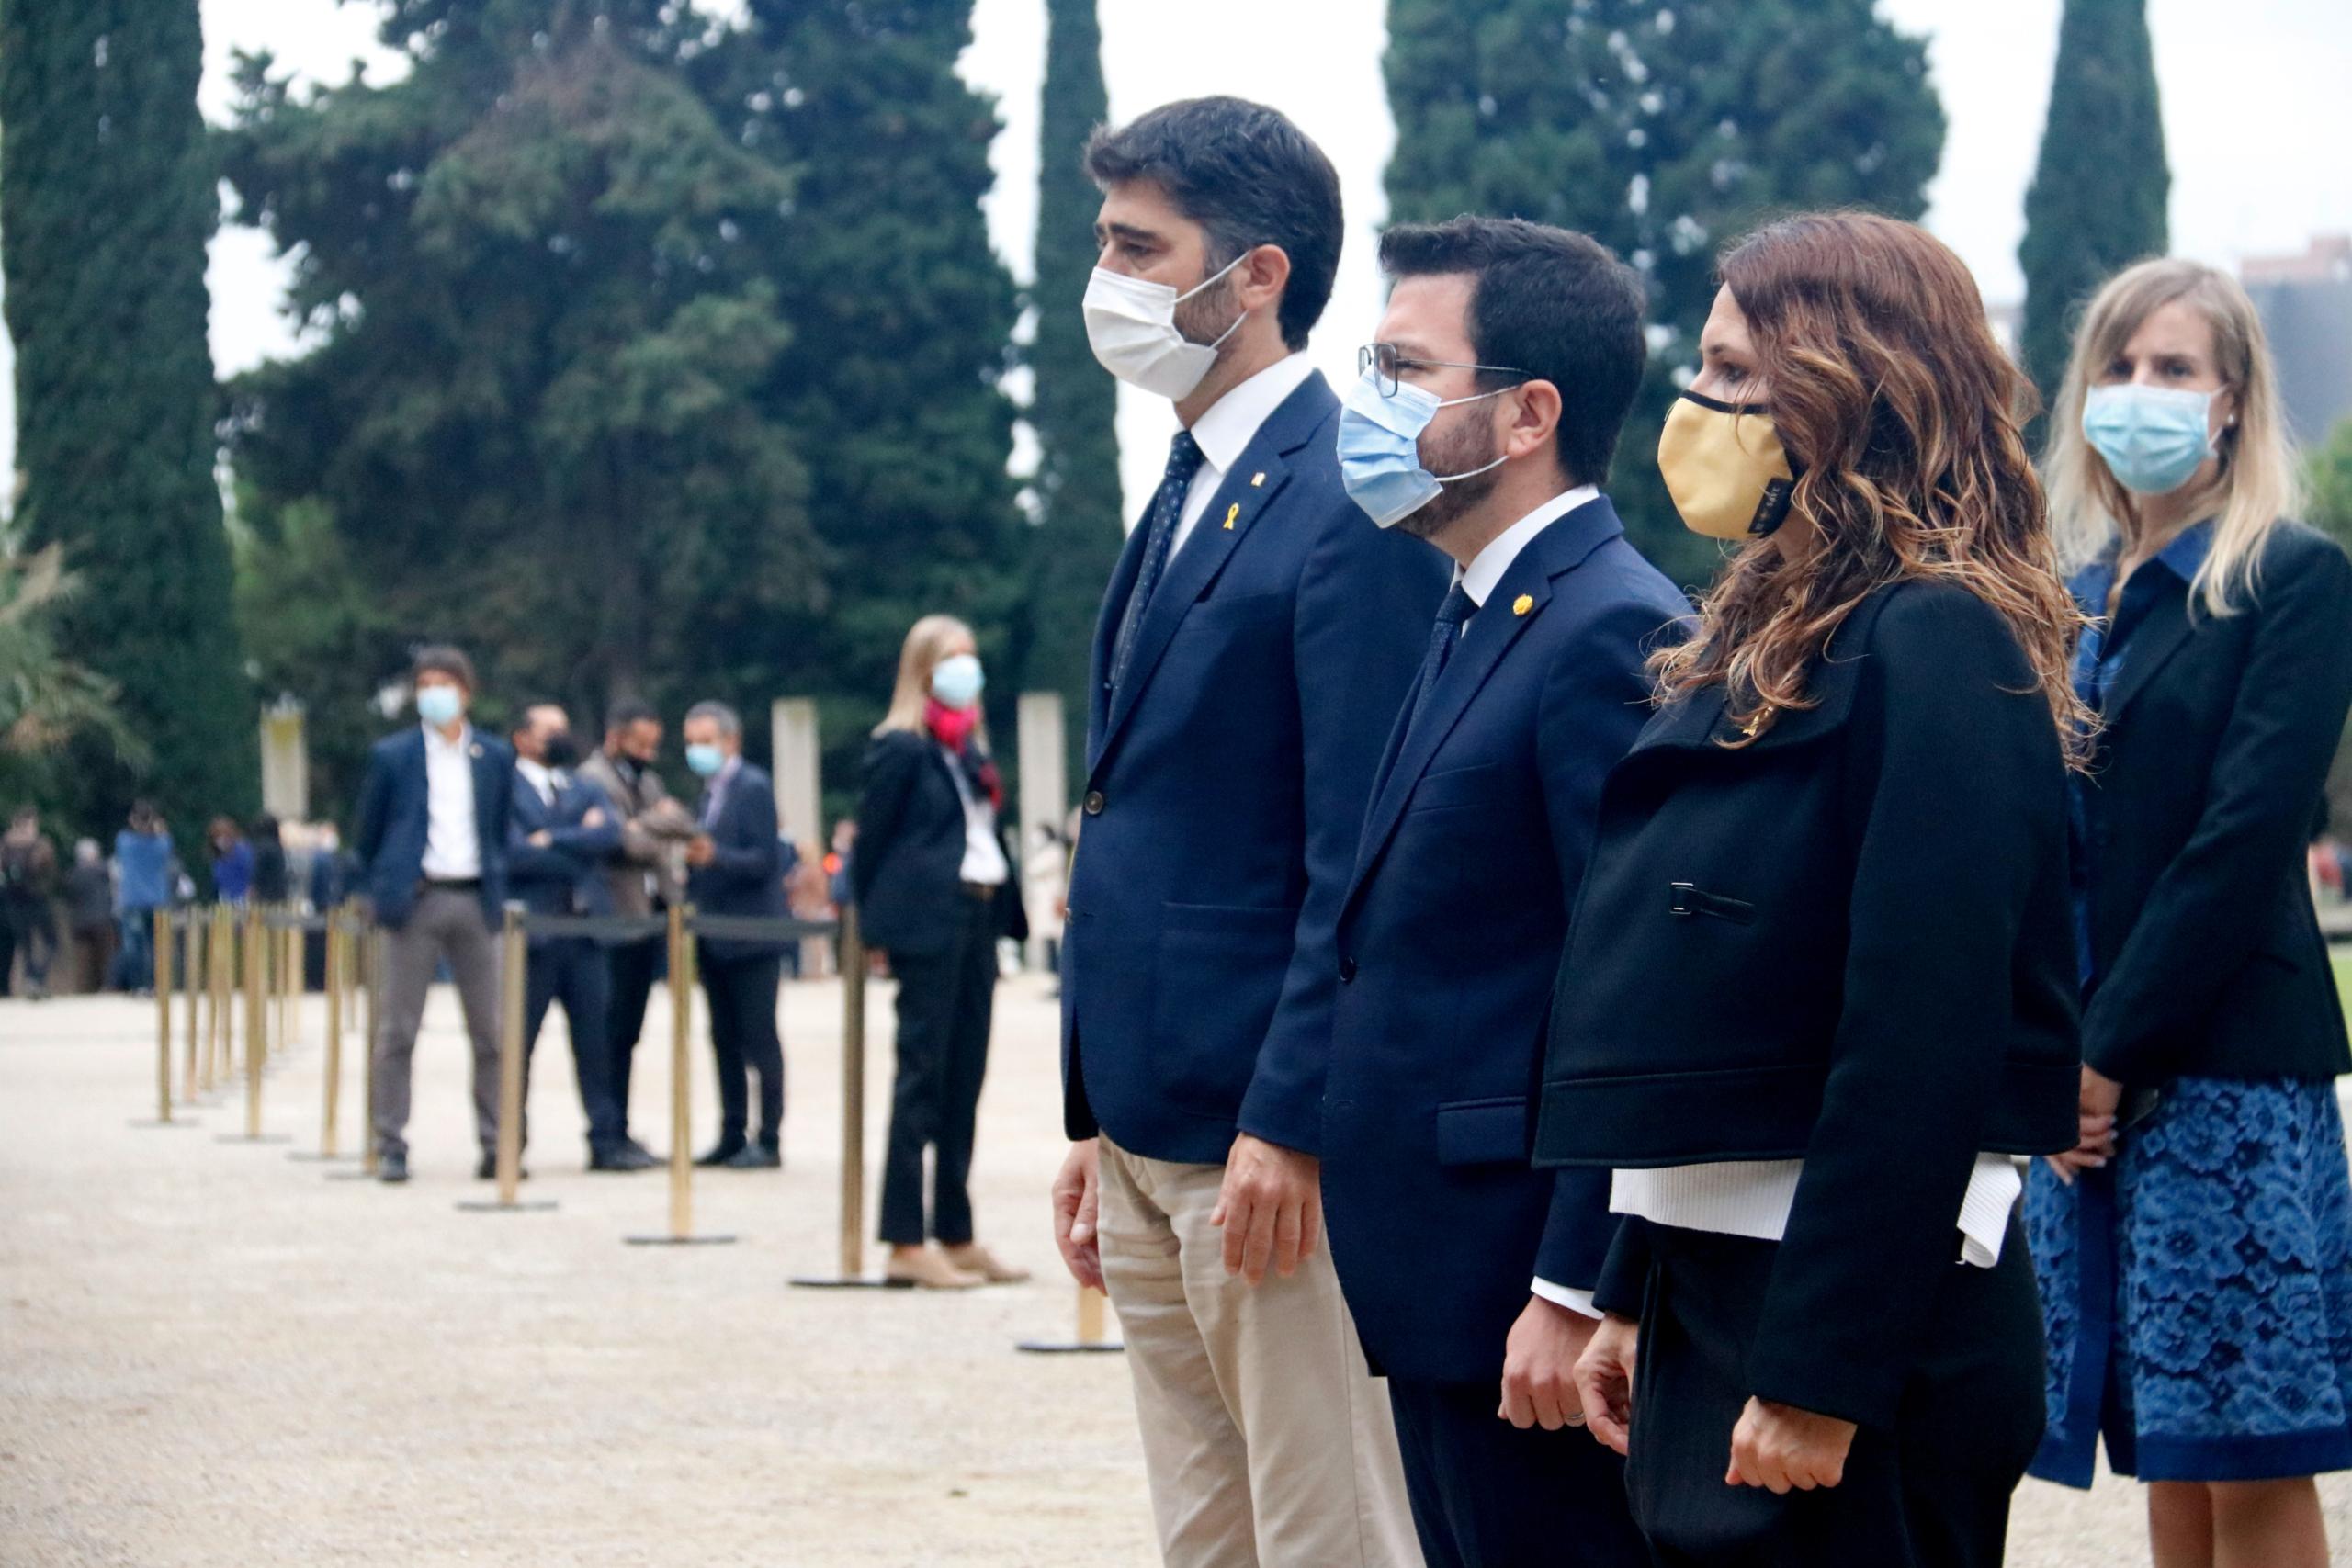 El president Pere Aragonès, el vicepresident Jordi Puigneró i la consellera de Presidència Laura Vilagrà a l'ofrena floral a la tomba de Lluís Companys   ACN